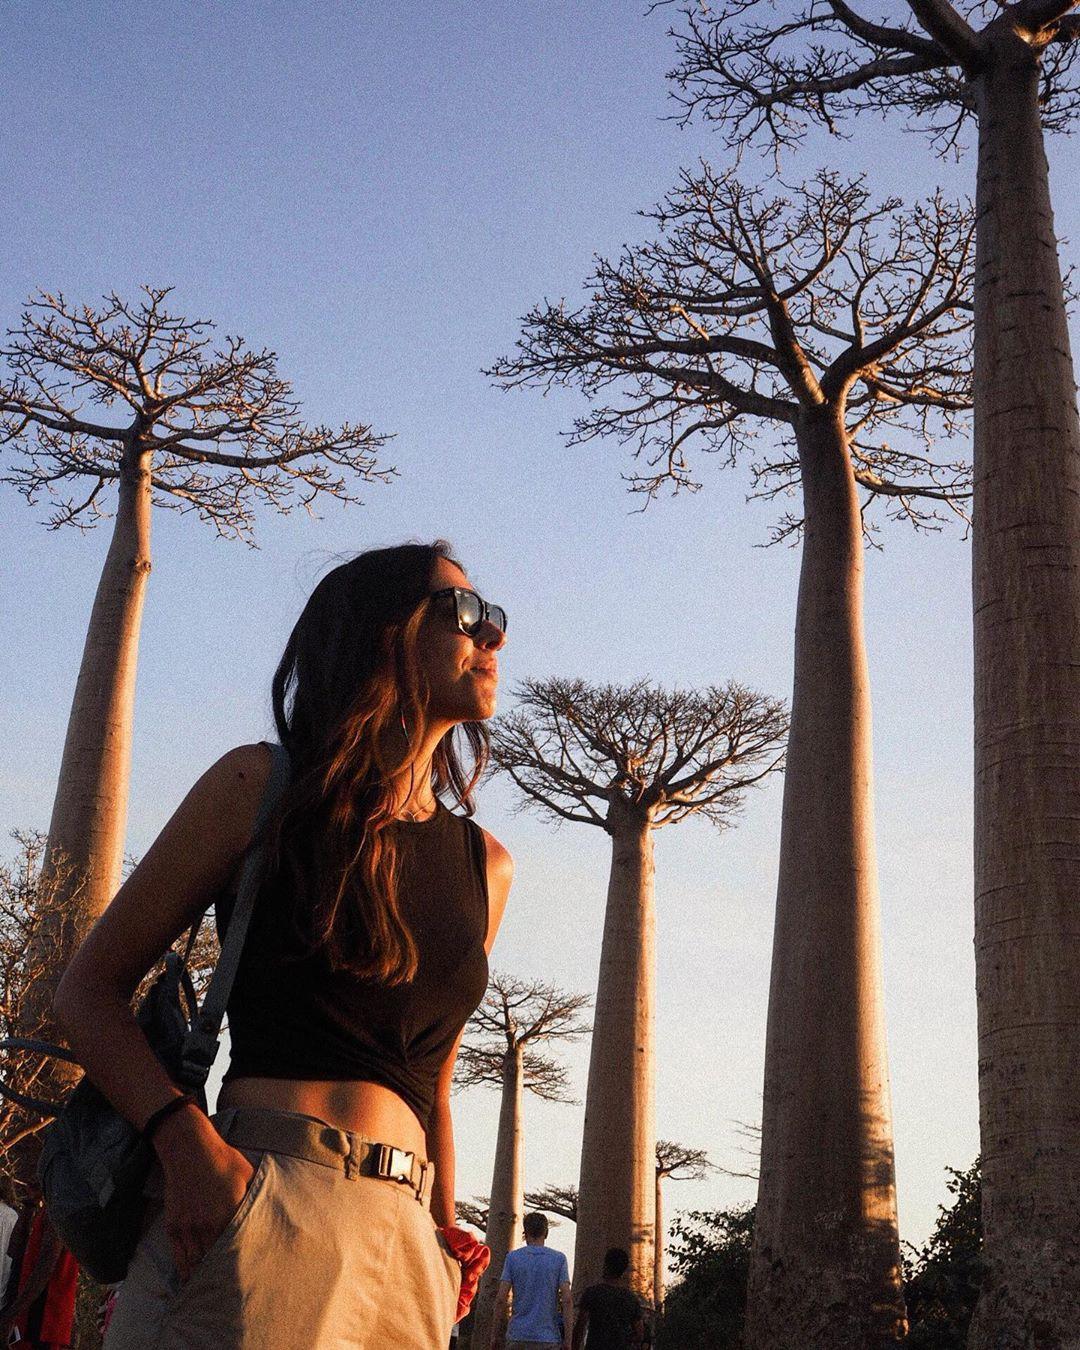 Dính phải lời nguyền phải mọc ngược, rừng cây ở Madagascar nay lại trở thành điểm check-in xịn xò của giới blogger du lịch - Ảnh 10.